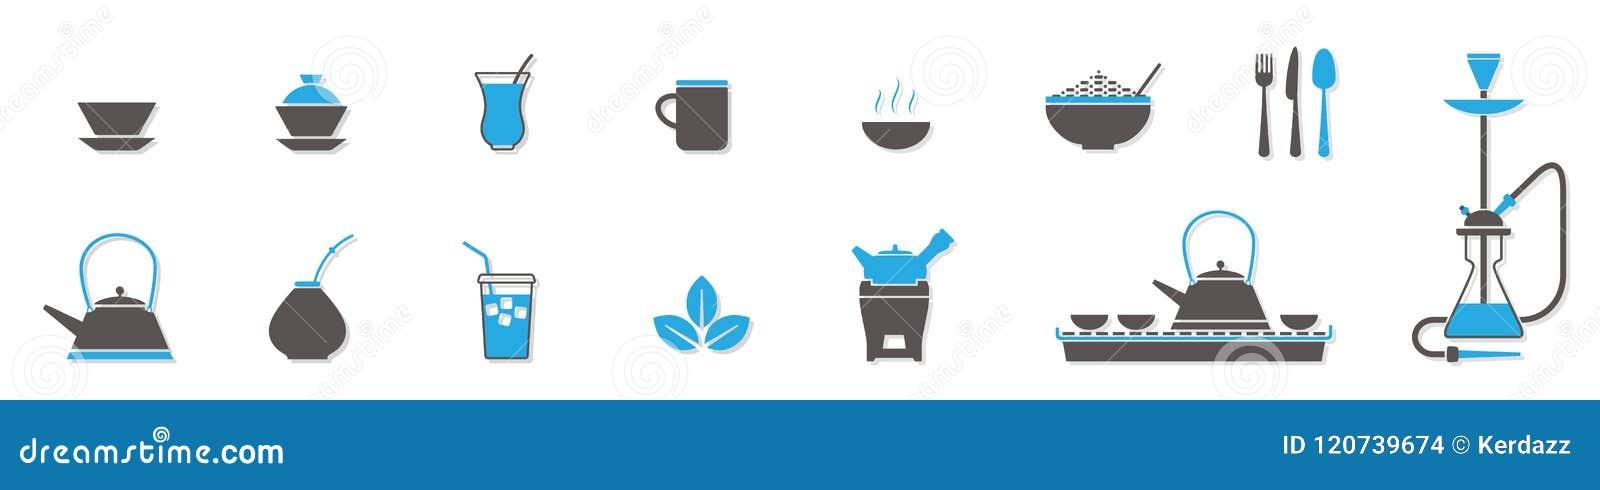 茶杯和水壶象